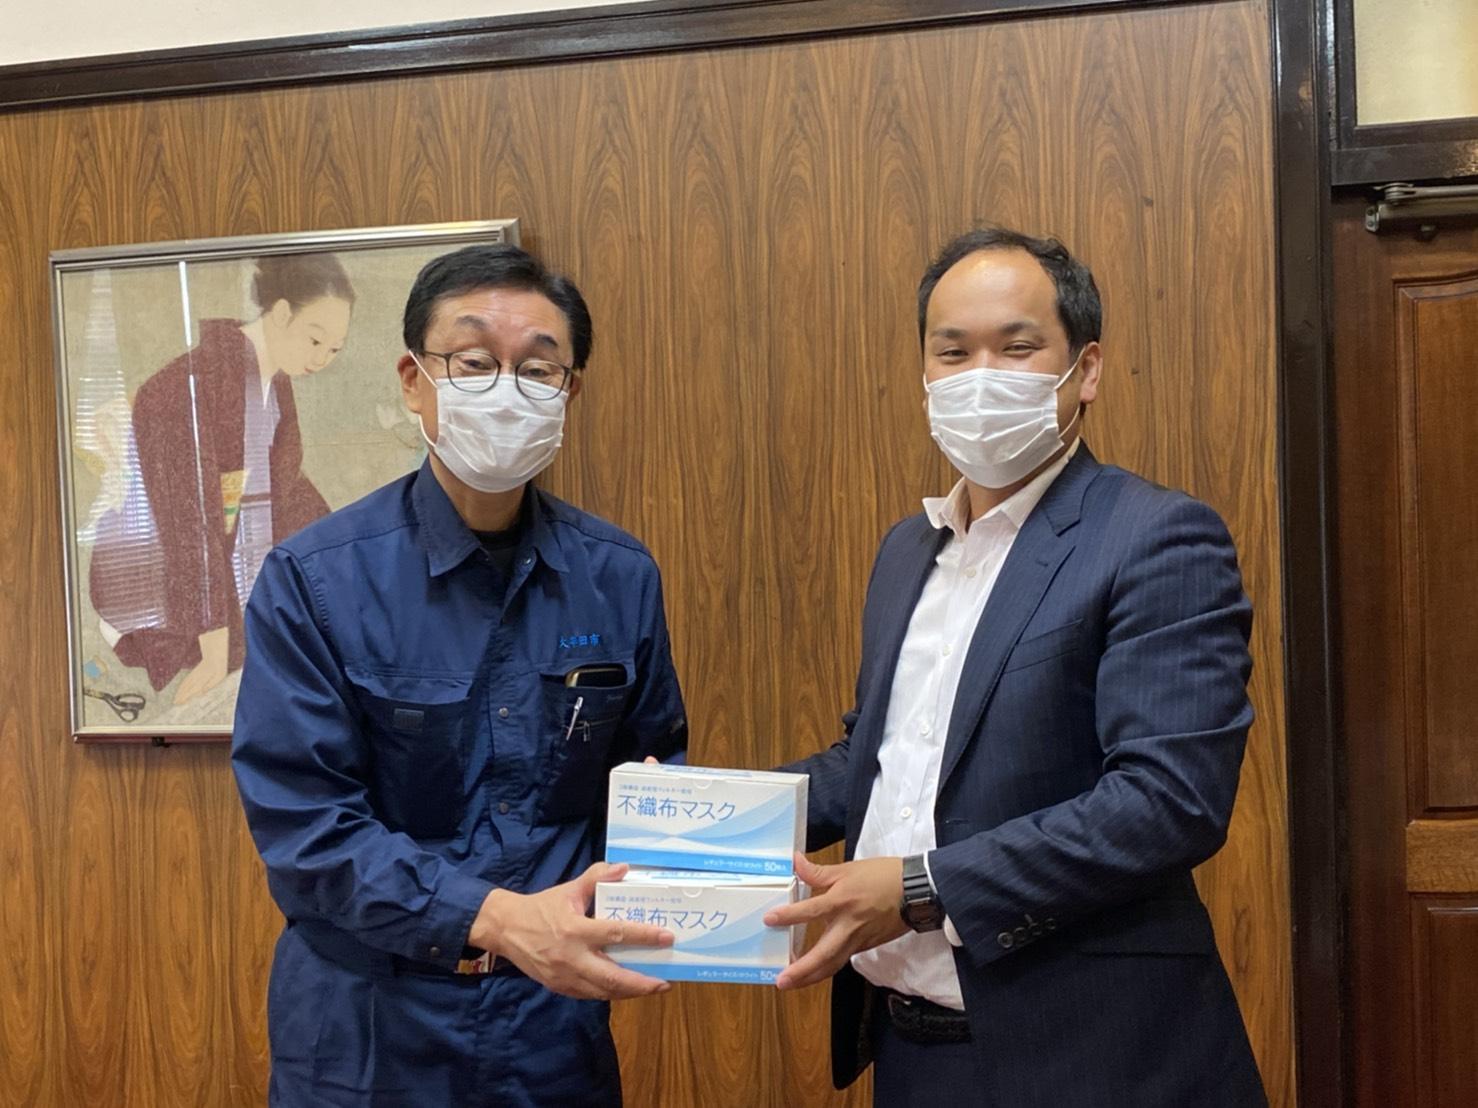 大牟田市の皆様へマスクの寄付をさせて頂きました。